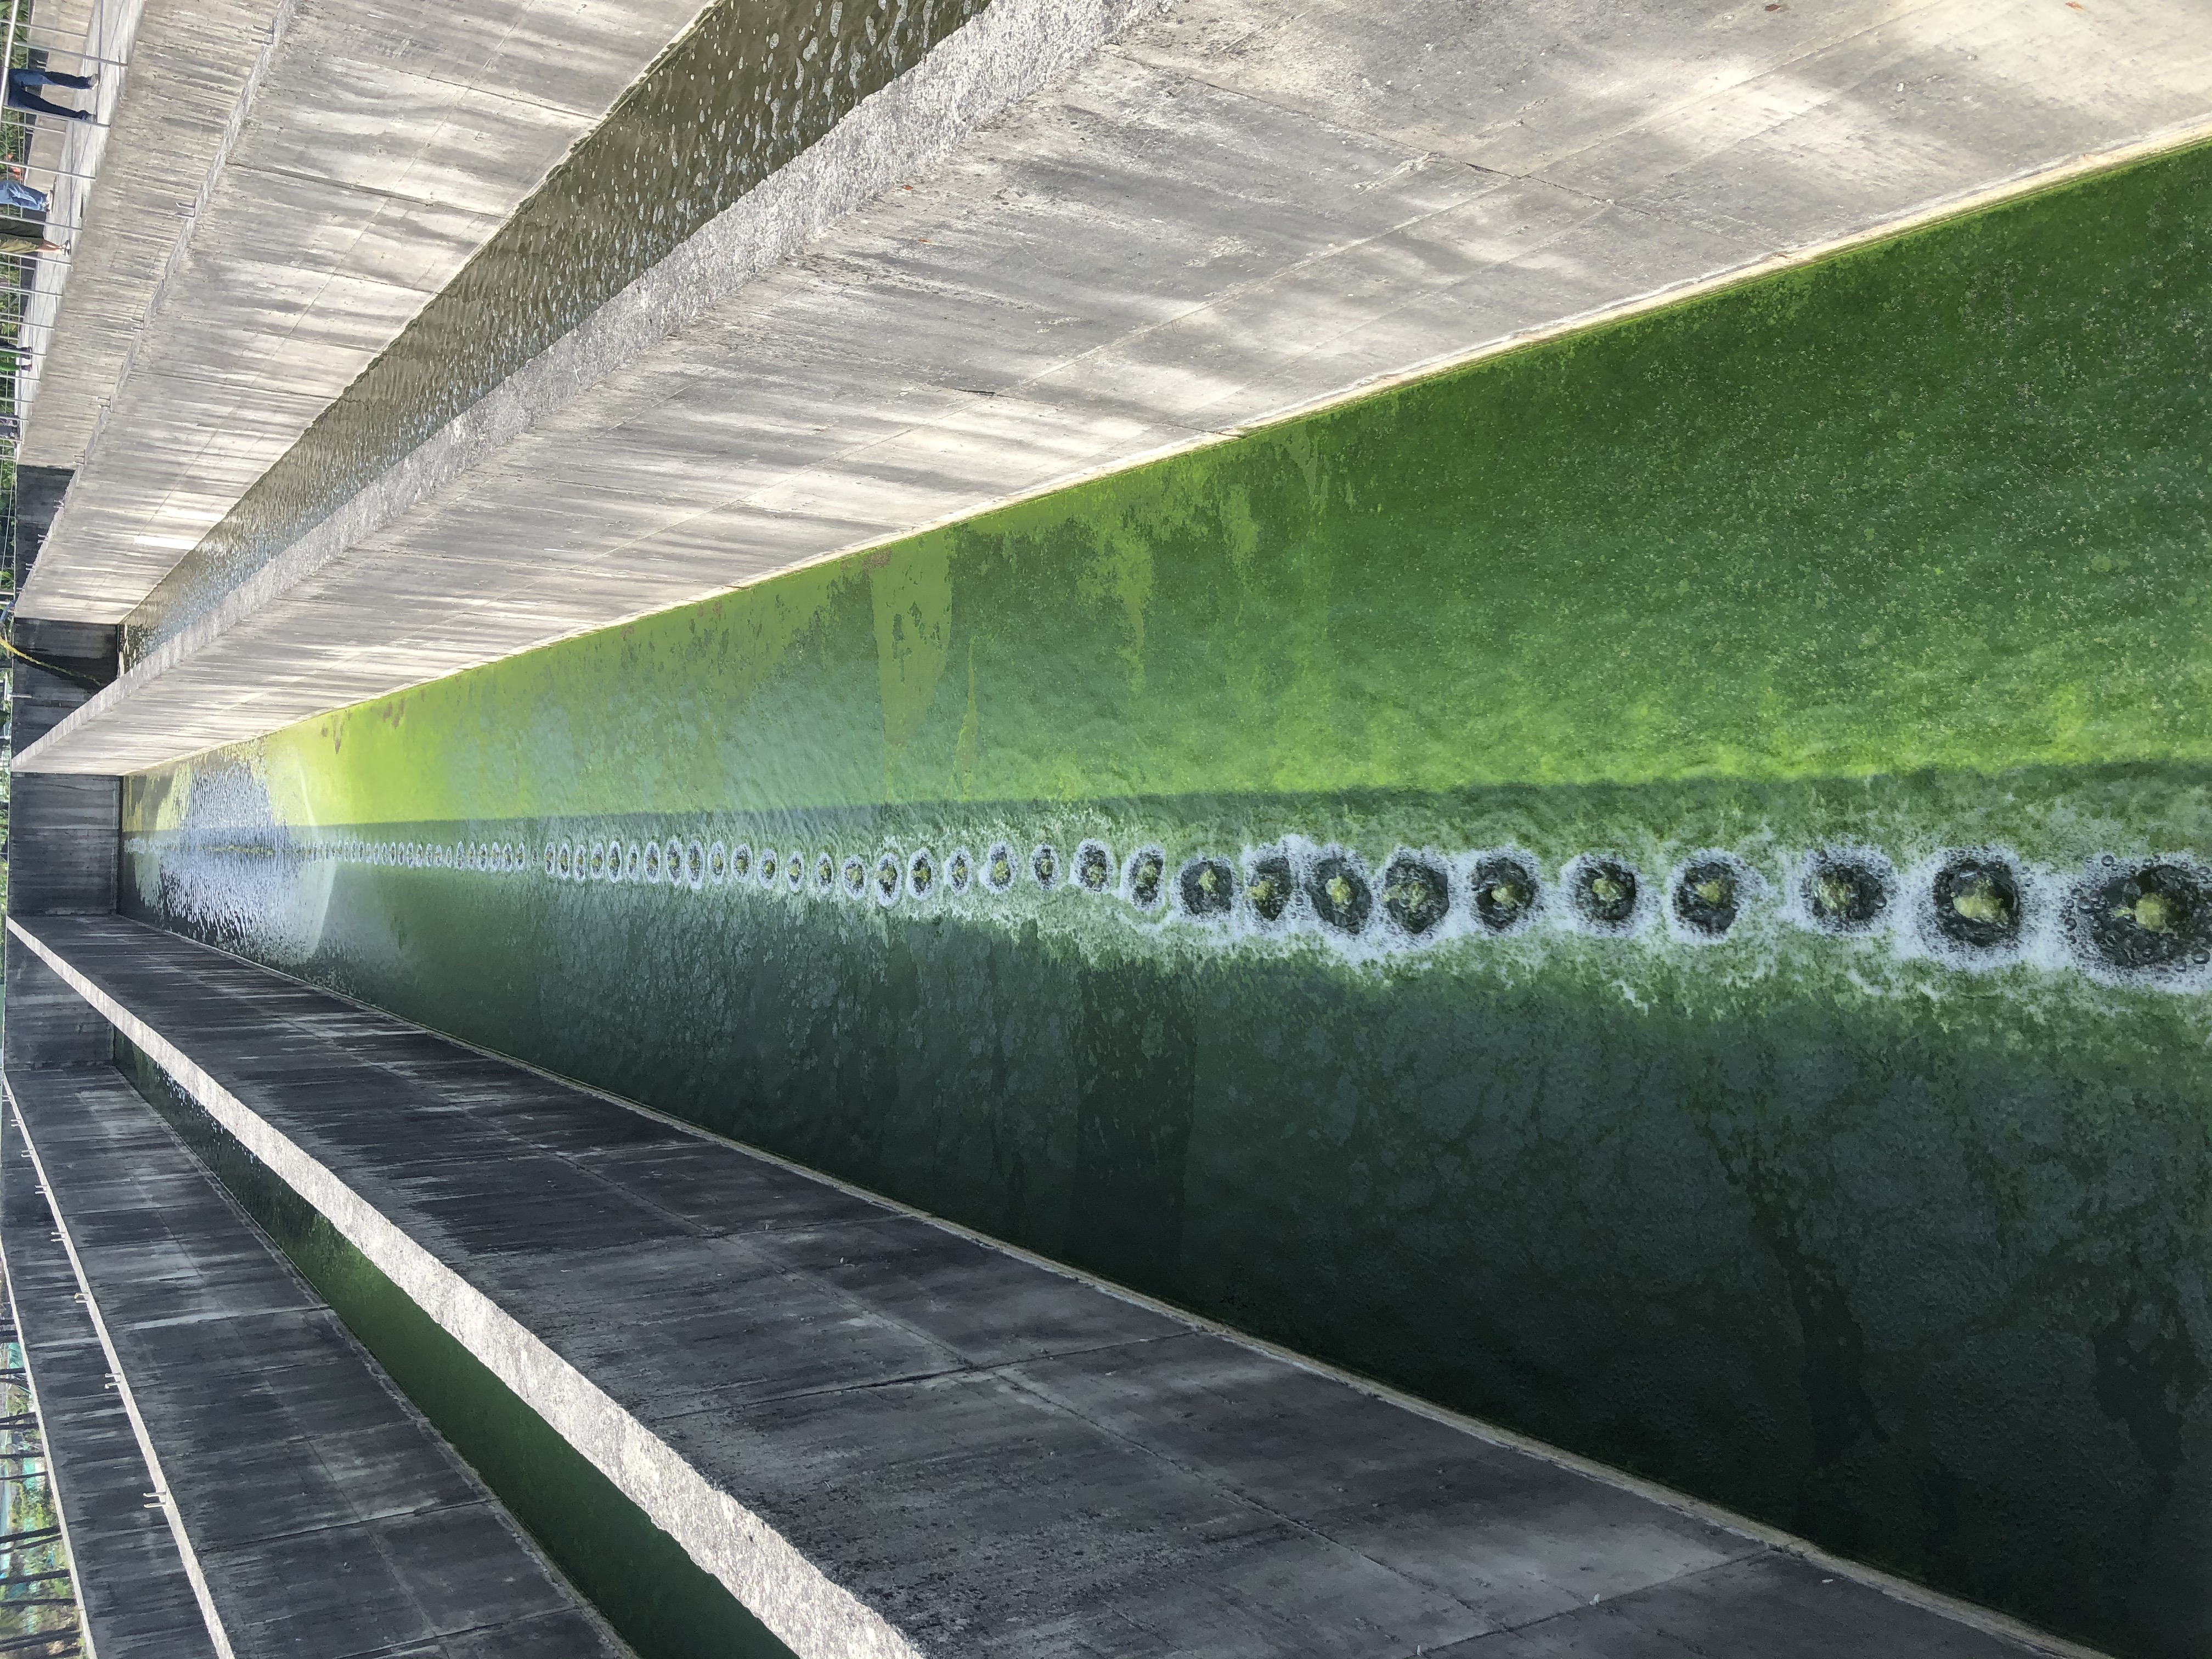 利用藻菌處理技術降低廢水中的COD及有機氮磷,並利用其過程所生產的微藻衍生出具有附加價值之產品 (液態肥料及水產飼料營養補充劑),打造全新的循環經濟模式。